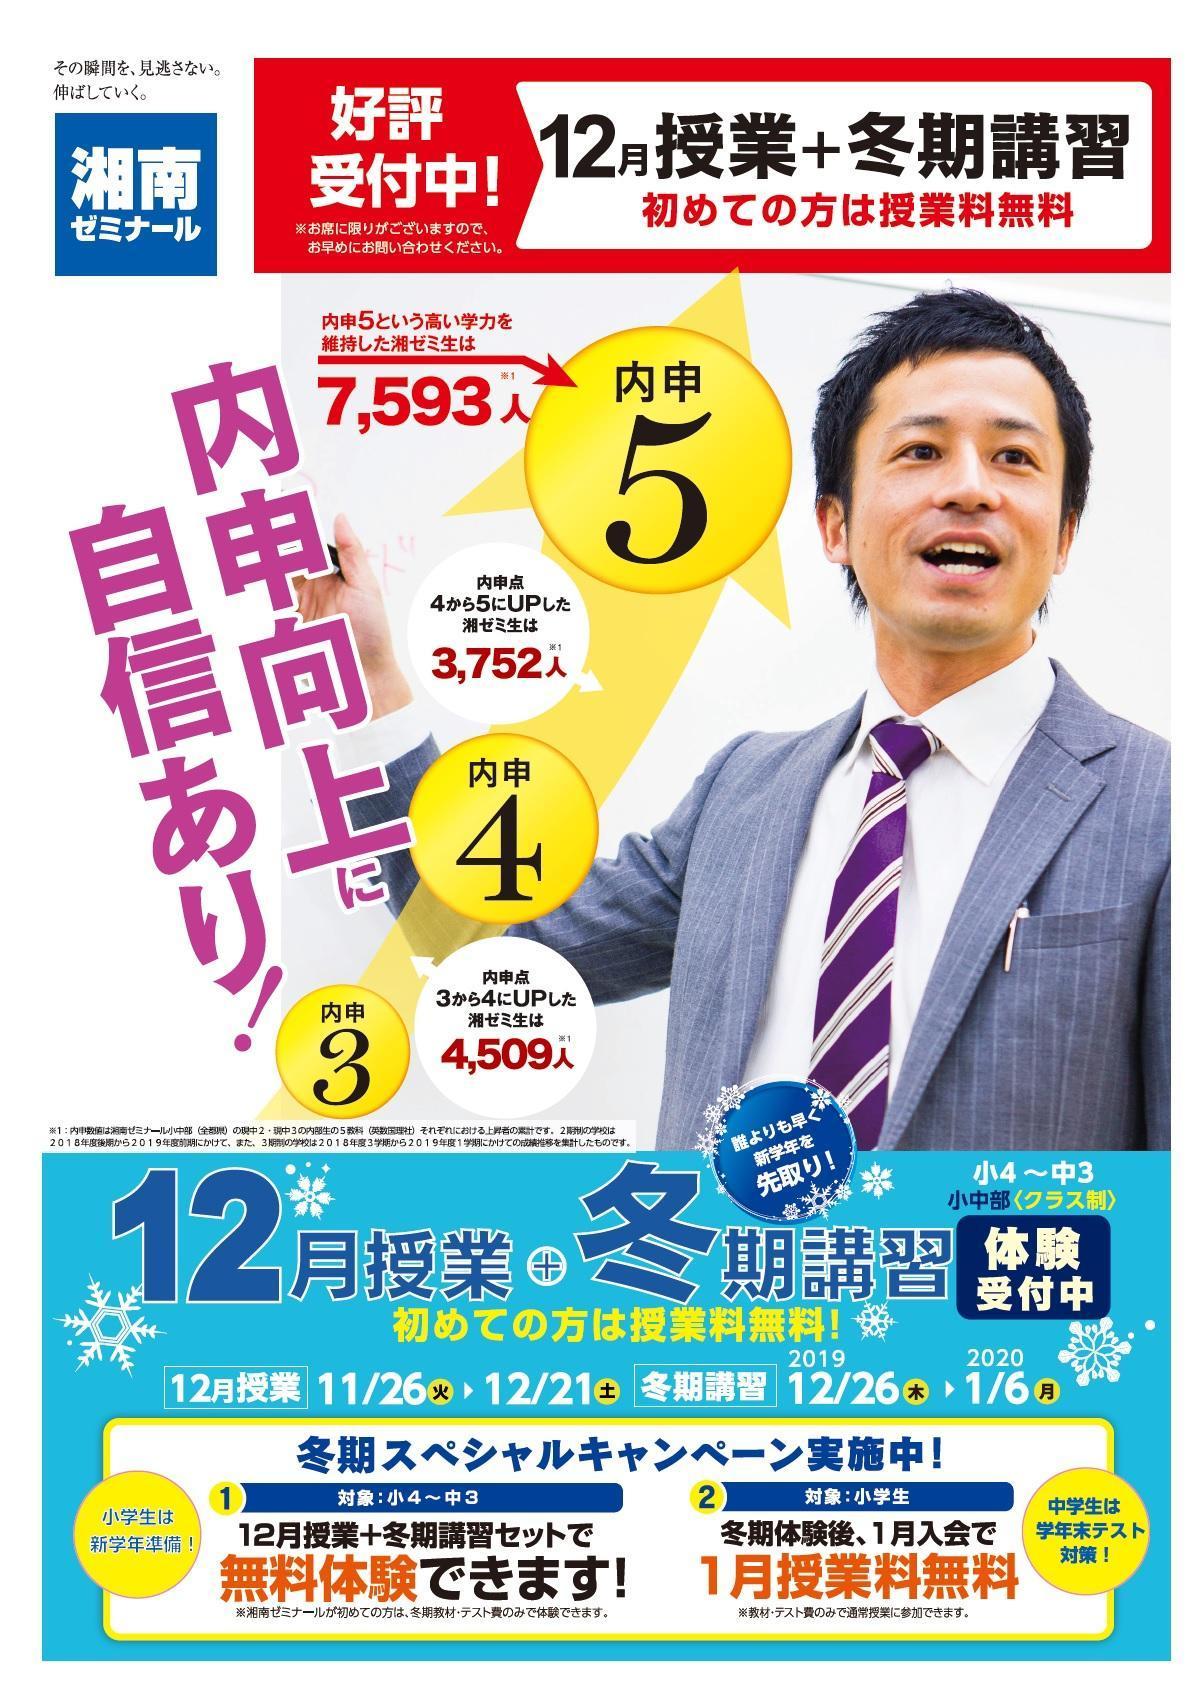 神奈川_冬期チラシの表面(11月8日折込分) (1).jpg